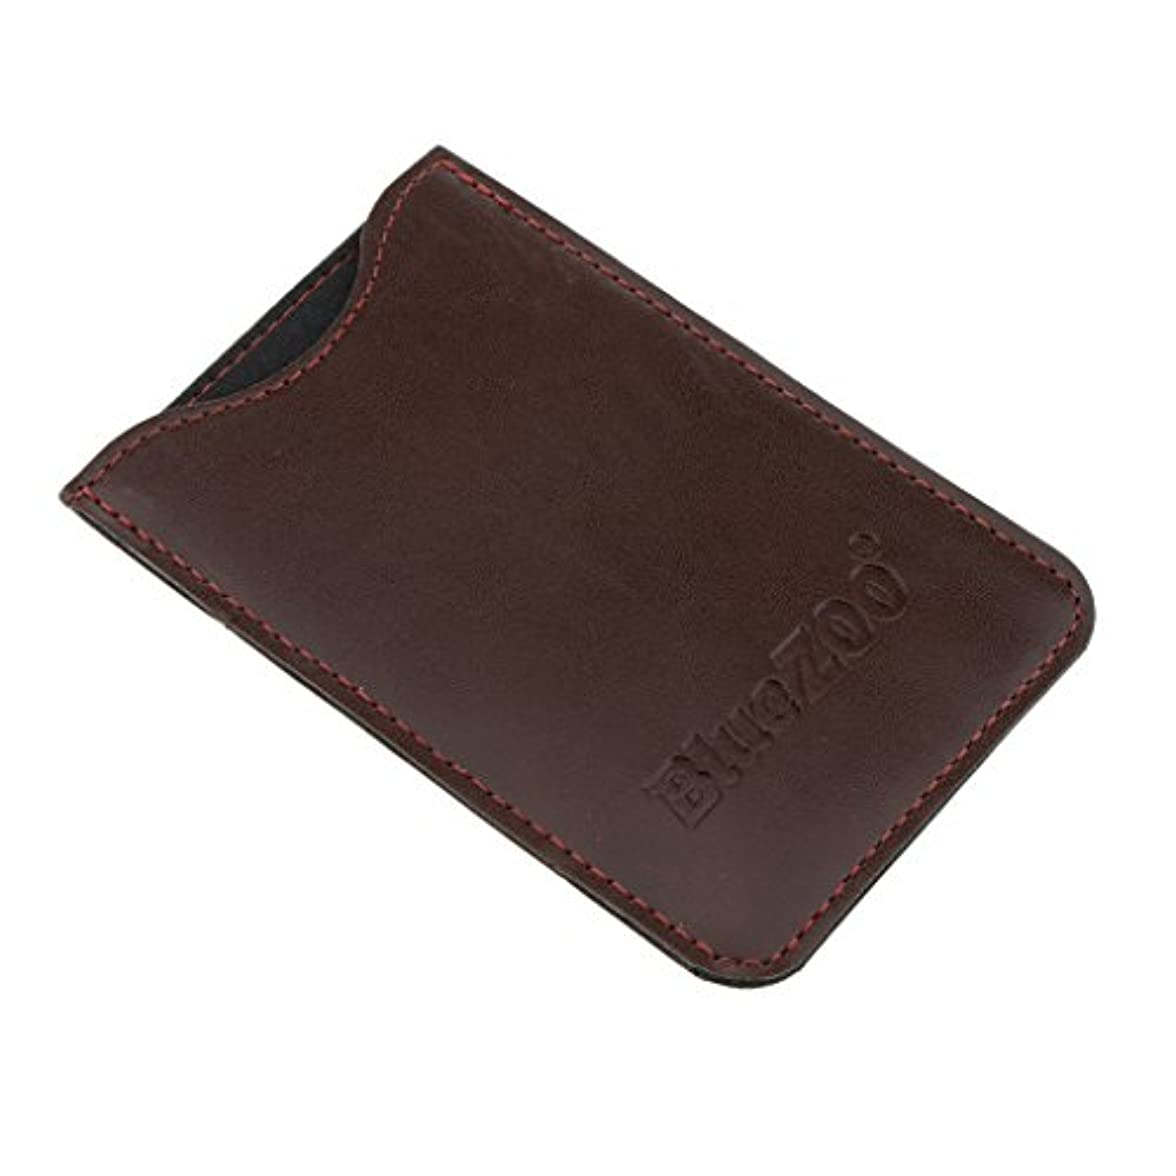 インポート減少フィードバックHomyl 収納パック 収納ケース 保護カバー 櫛/名刺/IDカード/銀行カード 多機能 高品質 全2色  - 褐色